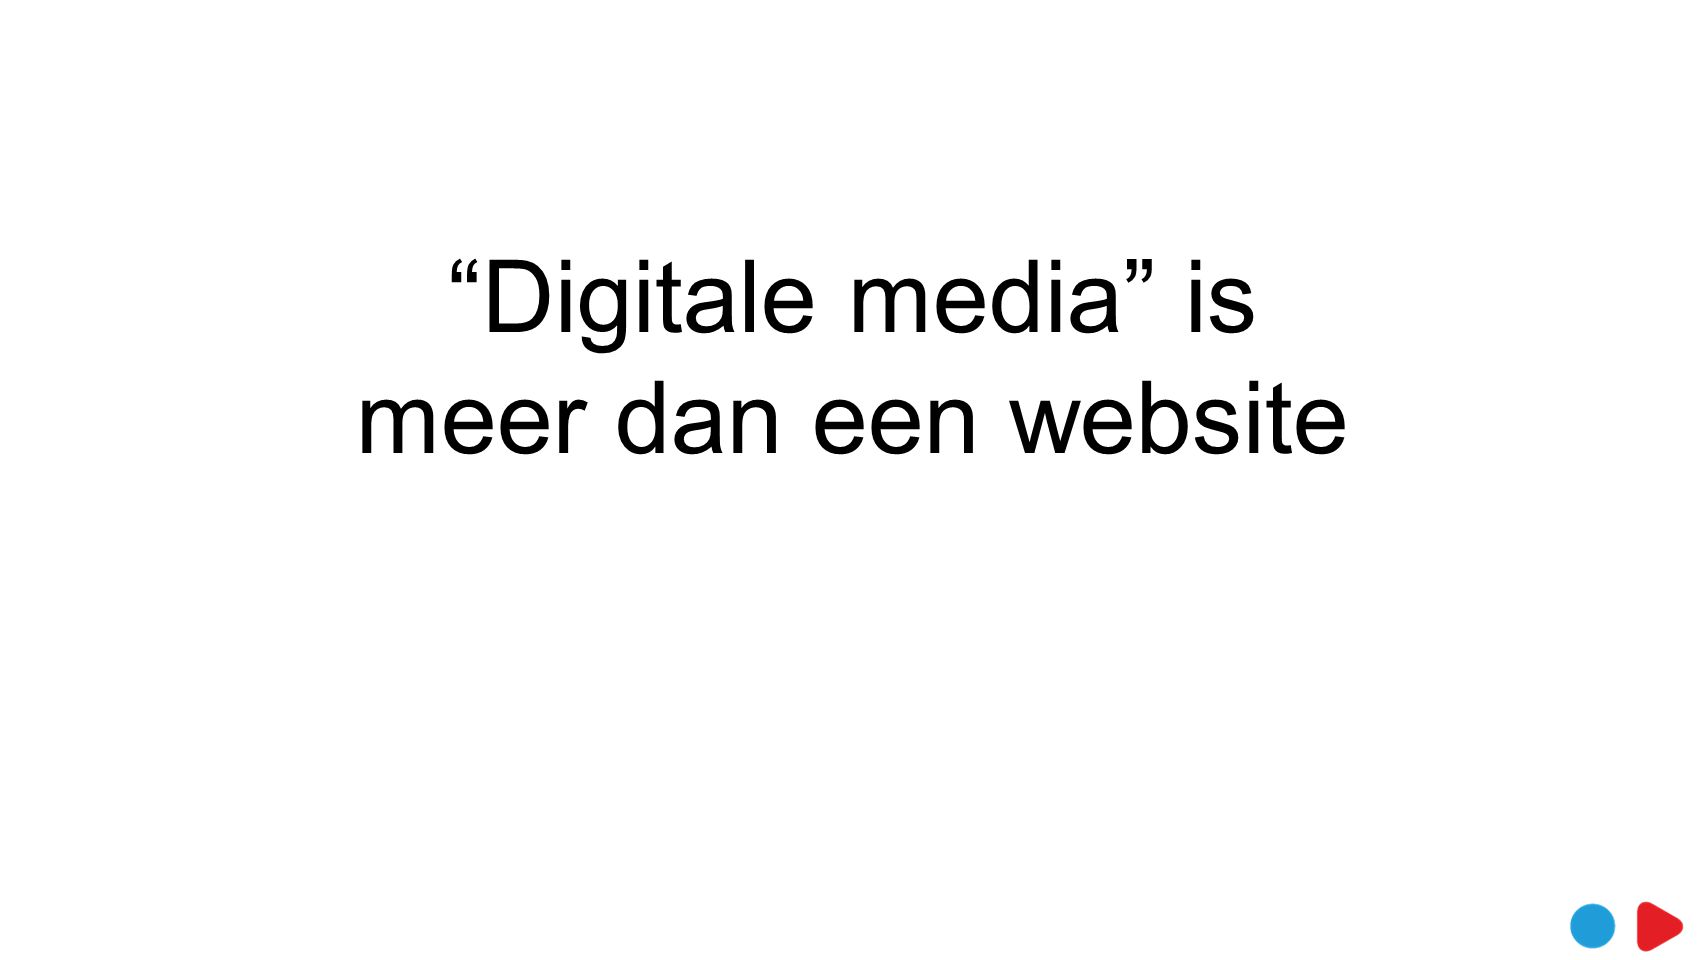 Digitale media is meer dan een website